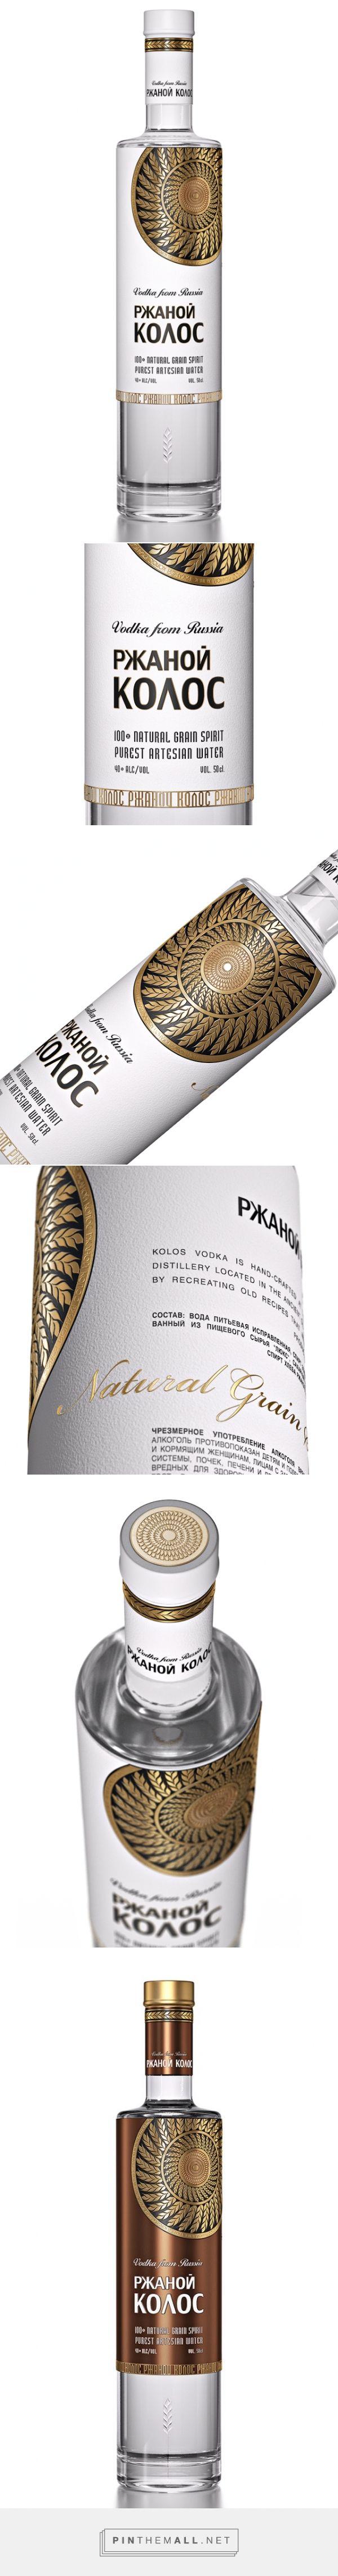 Rye Vodka Packaging designed by S-Design LLC - http://www.packagingoftheworld.com/2015/08/rye-vodka.html